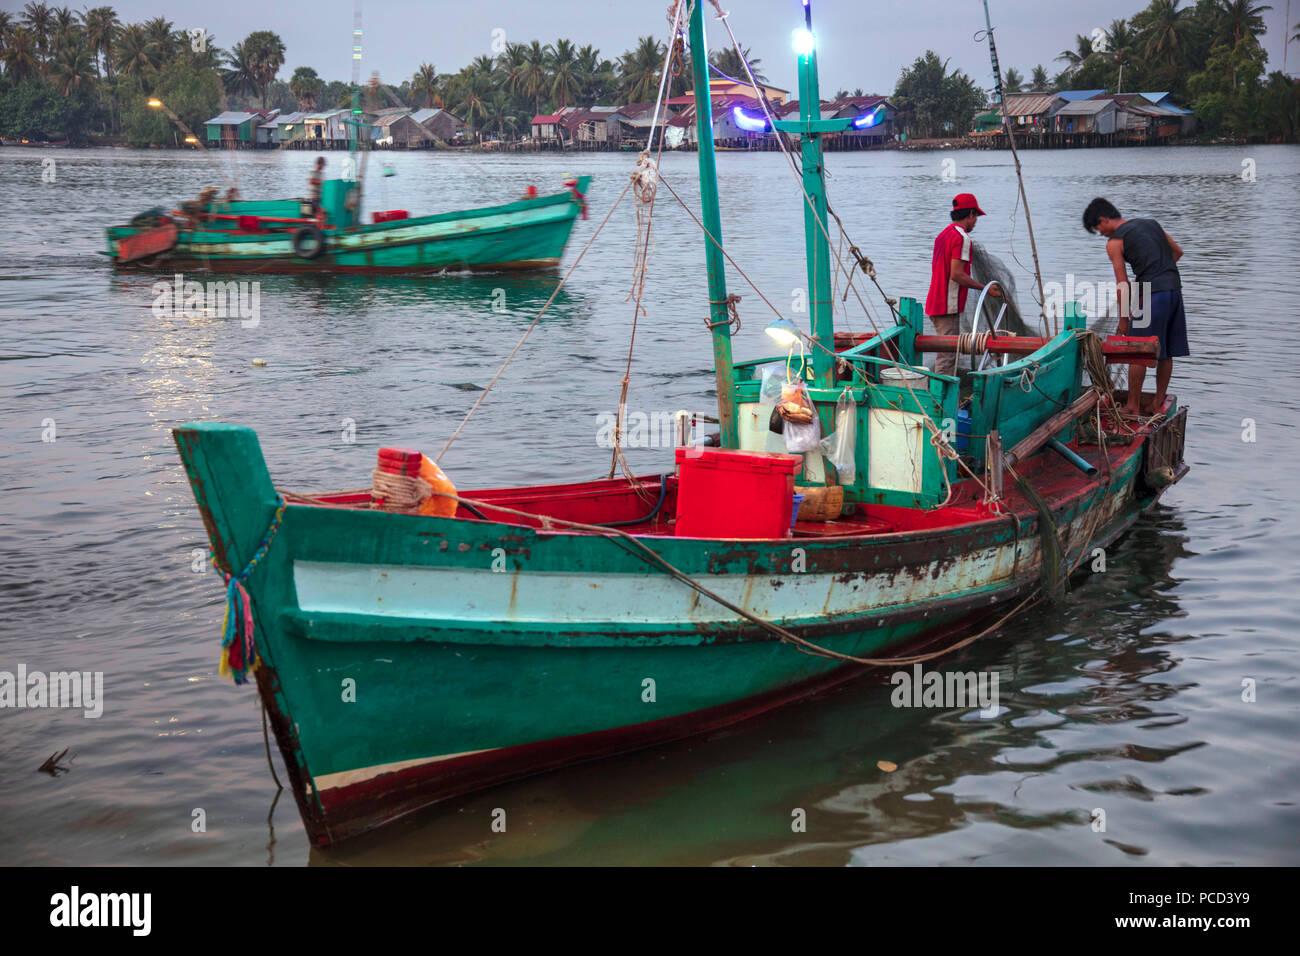 Barco de pesca en la mañana mercado de pescado, en las orillas del río Chhu Preaek Tuek en Kampot town, Camboya, Indochina, en el sudeste de Asia, Asia Foto de stock